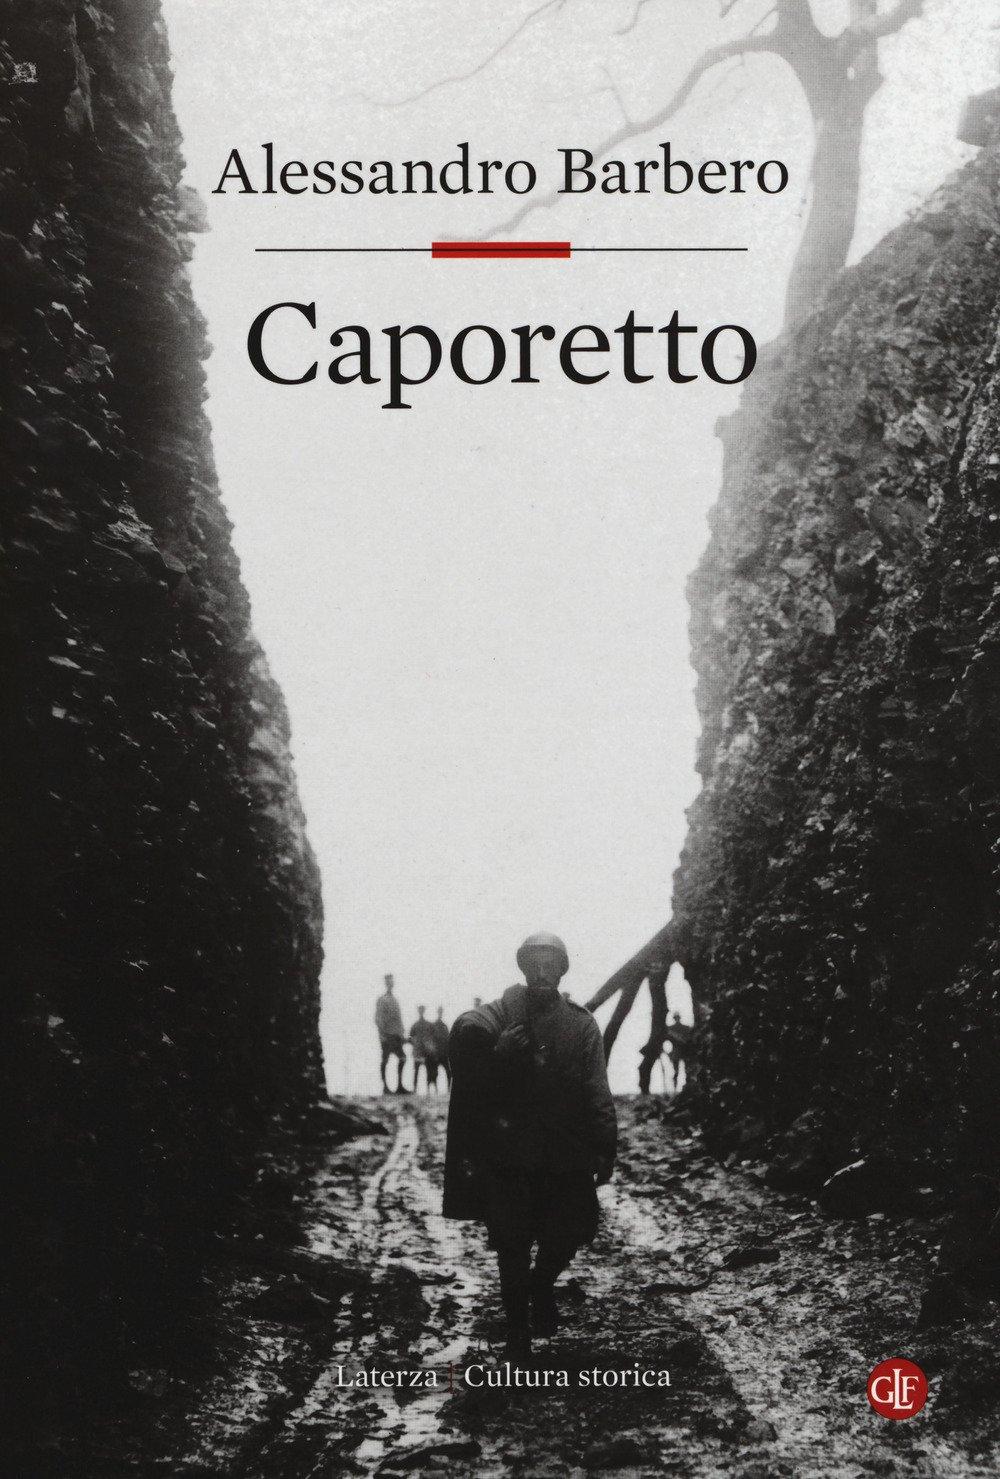 Libri di alessandro barbero - caporetto (copertina rigida) 8858129806